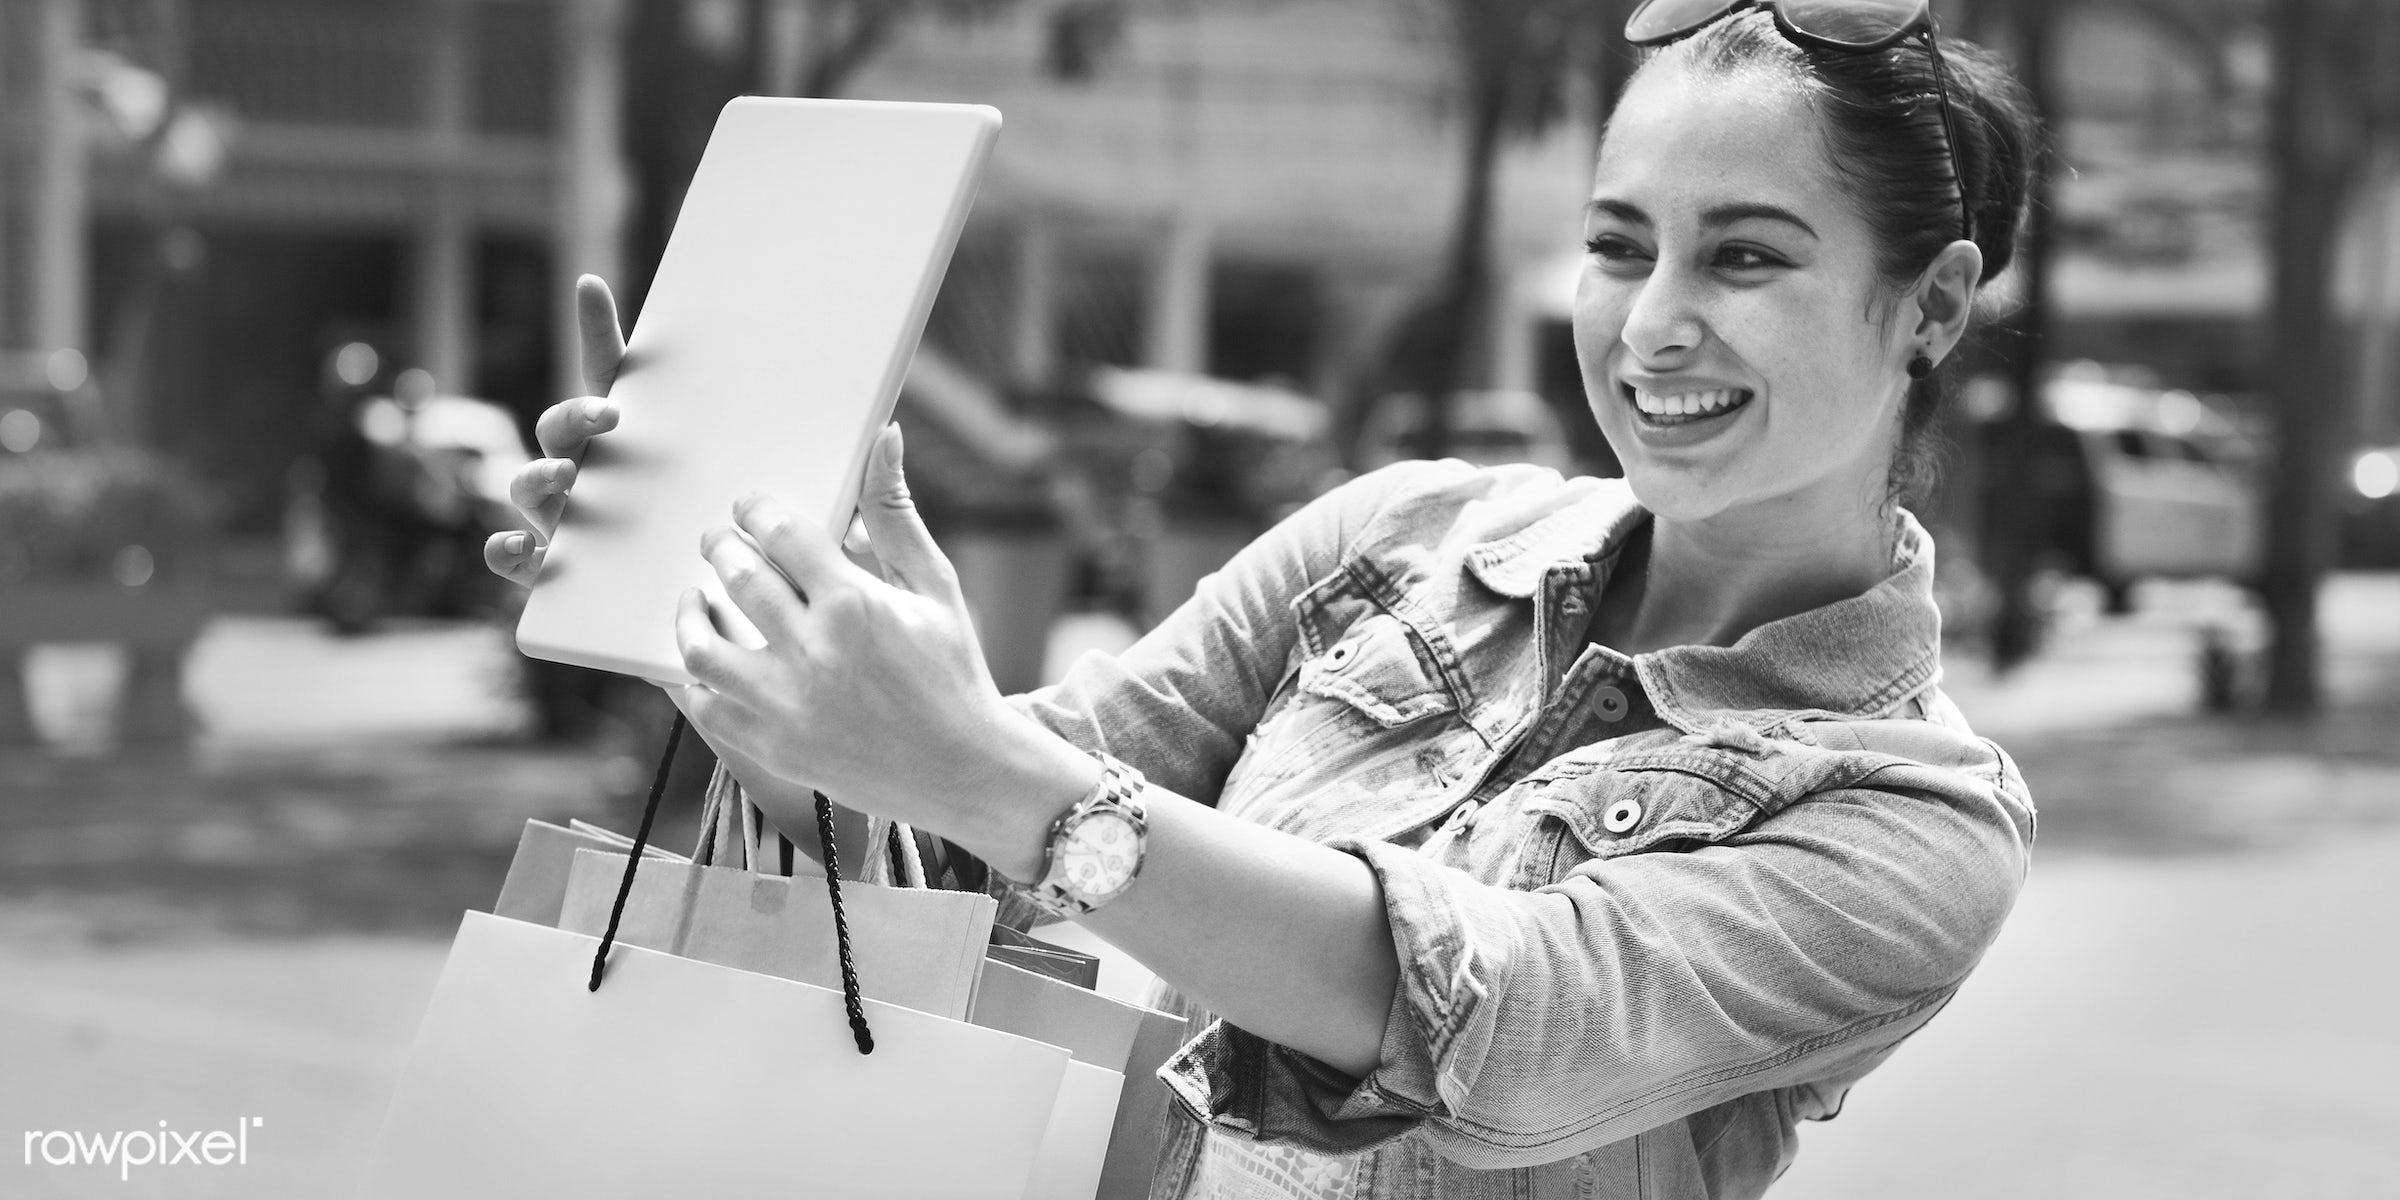 woman, selfie, shopping, shopper, pretty, enjoyment, leisure, happiness, happy, fun, enjoy